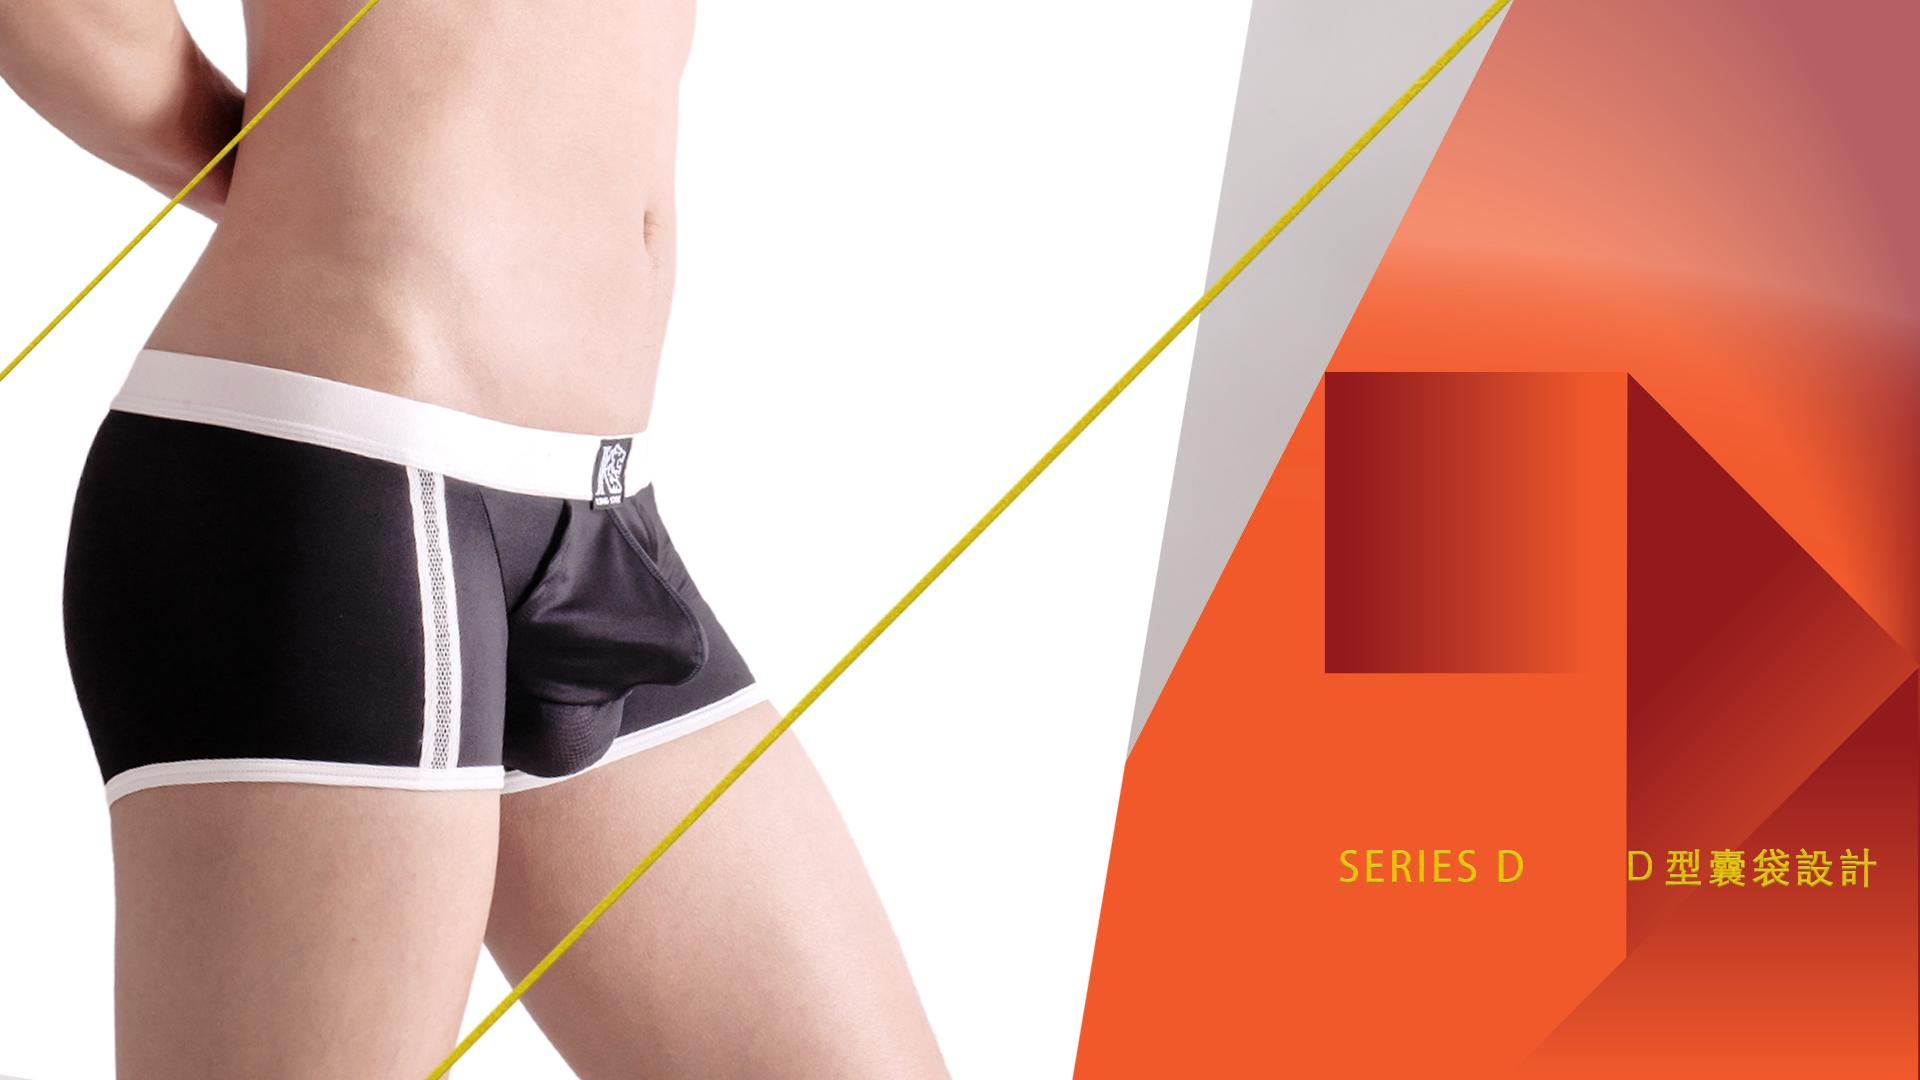 King Style Underwear, Man's Wear, Sexy Underwear, Pouch, Brief, Boxer Brief, Fashion, Undergarment design